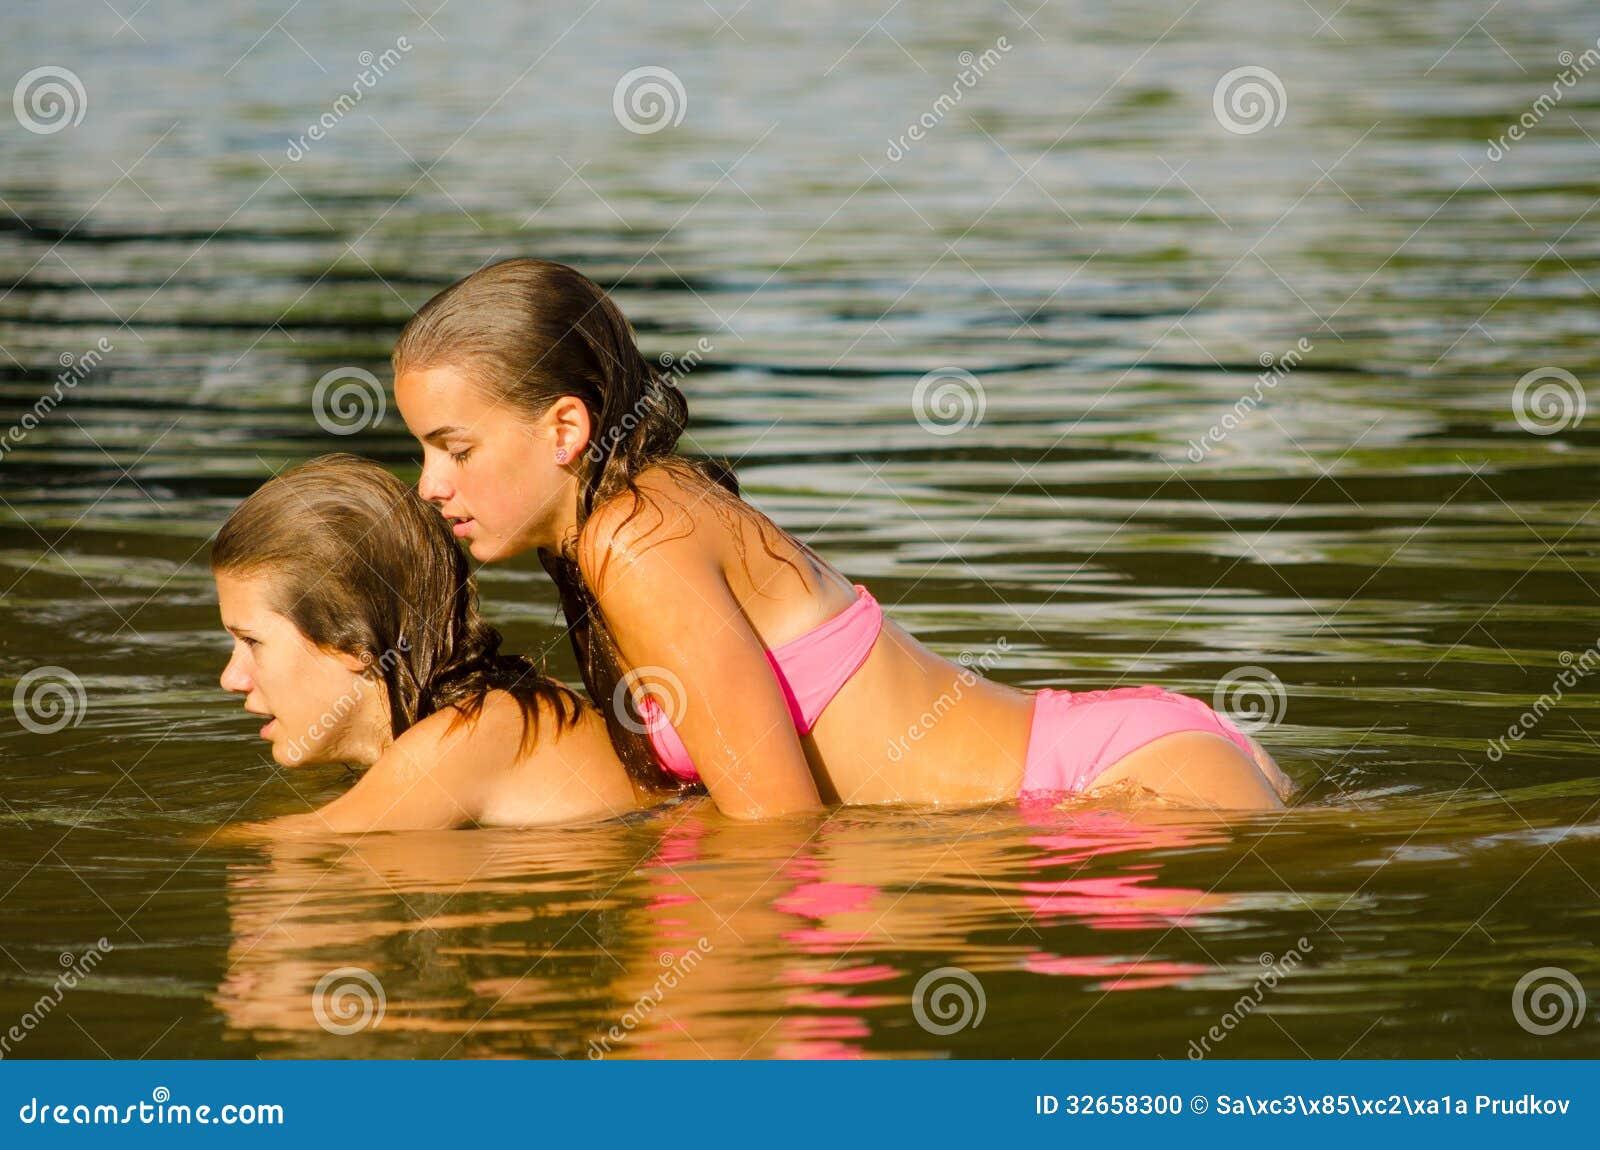 Секс в реке русский, Порно На природе -видео. Смотреть порно онлайн! 26 фотография